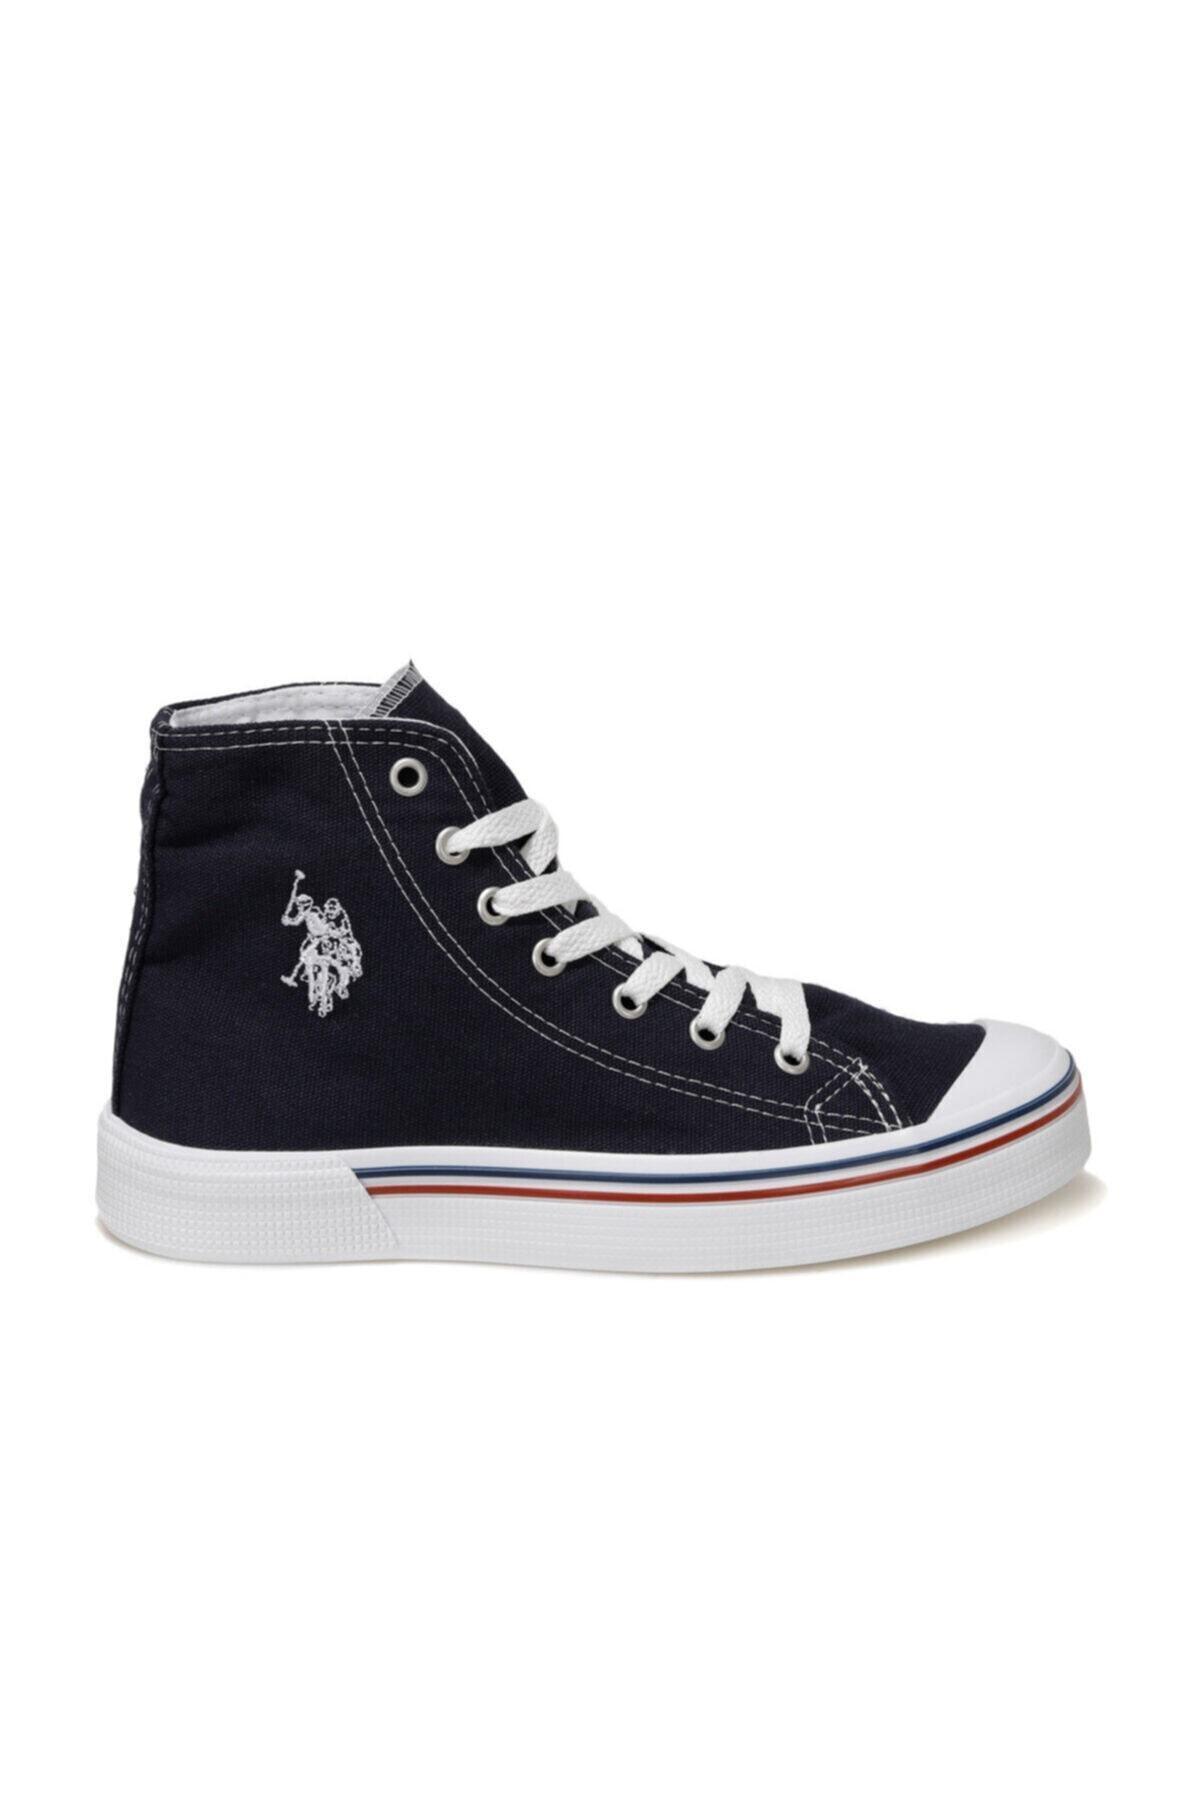 U.S. Polo Assn. PENELOPE HIGH 1FX Lacivert Kadın Havuz Taban Sneaker 100910635 2